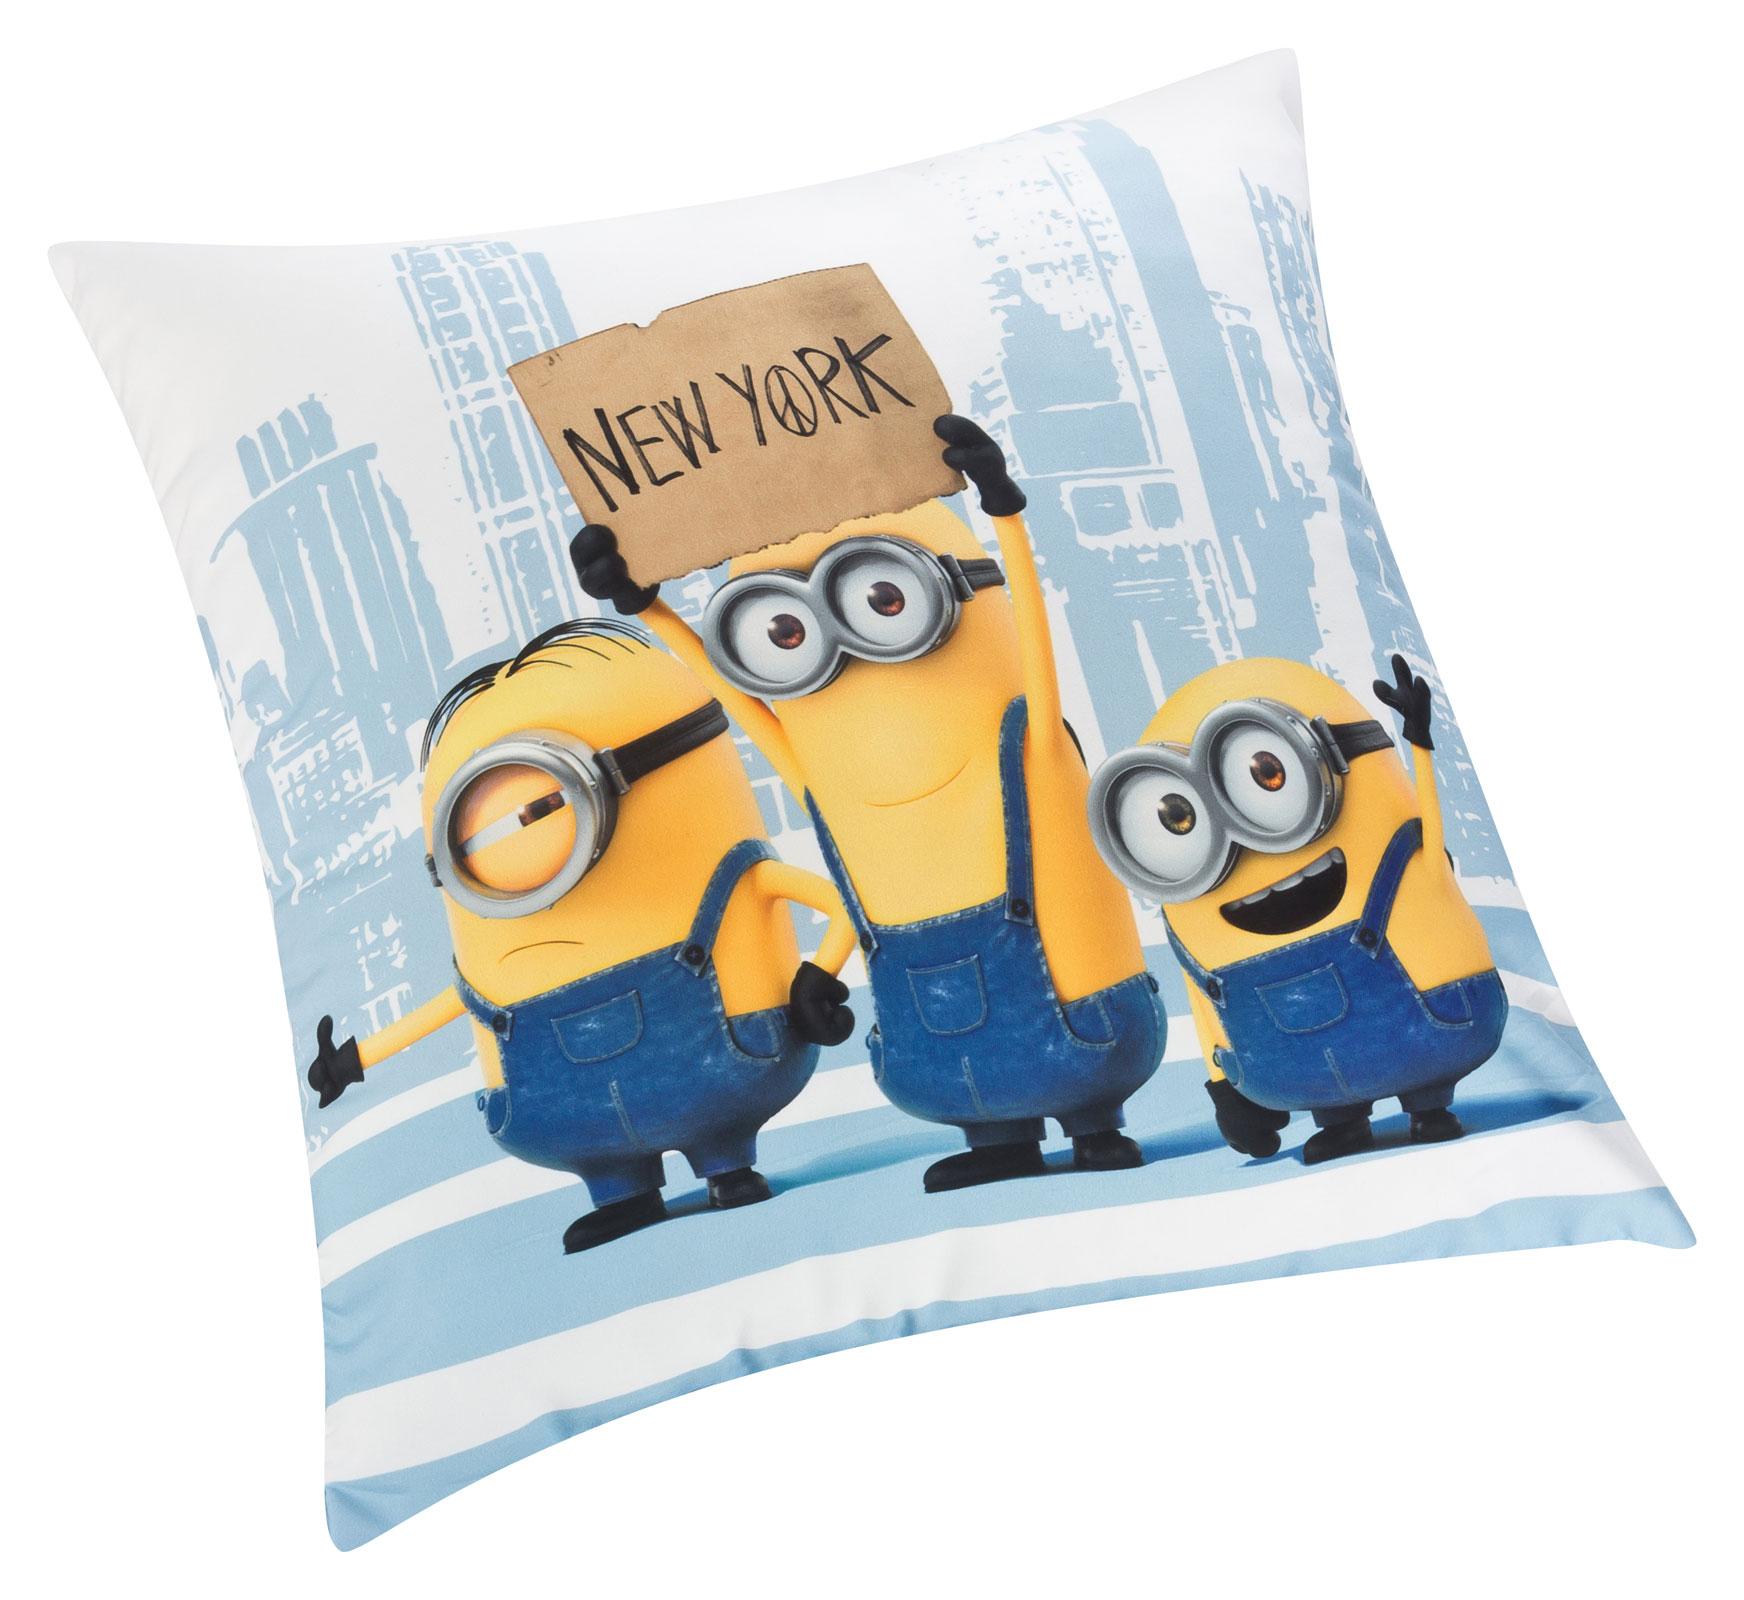 Wohndecken und Kissen - Minions Kissen Kuschelkissen Dekokissen New York 40x40 G95 950 MI38 100  - Onlineshop PremiumShop321